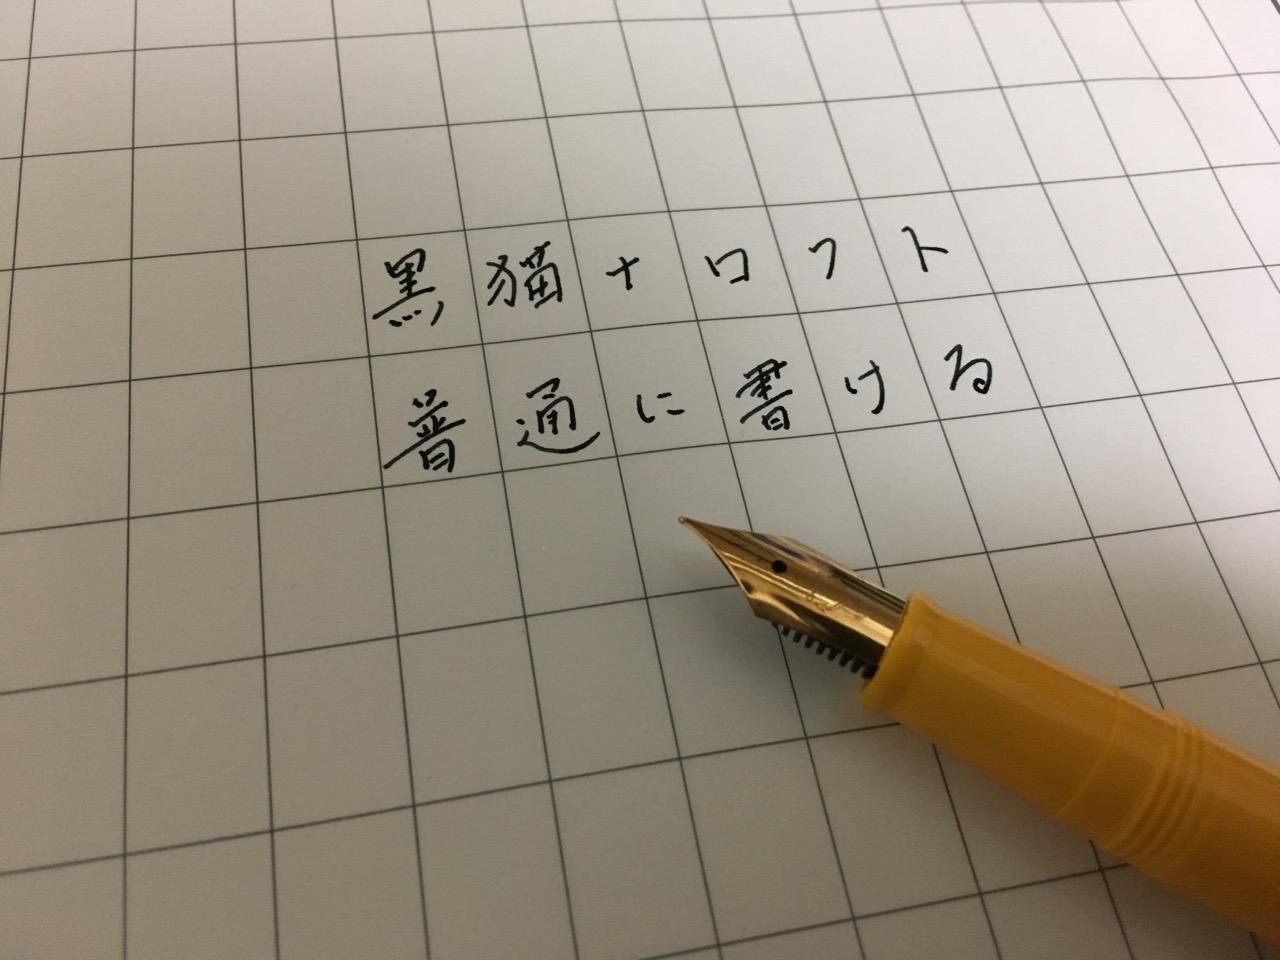 クロネコ万年筆で書いてみた